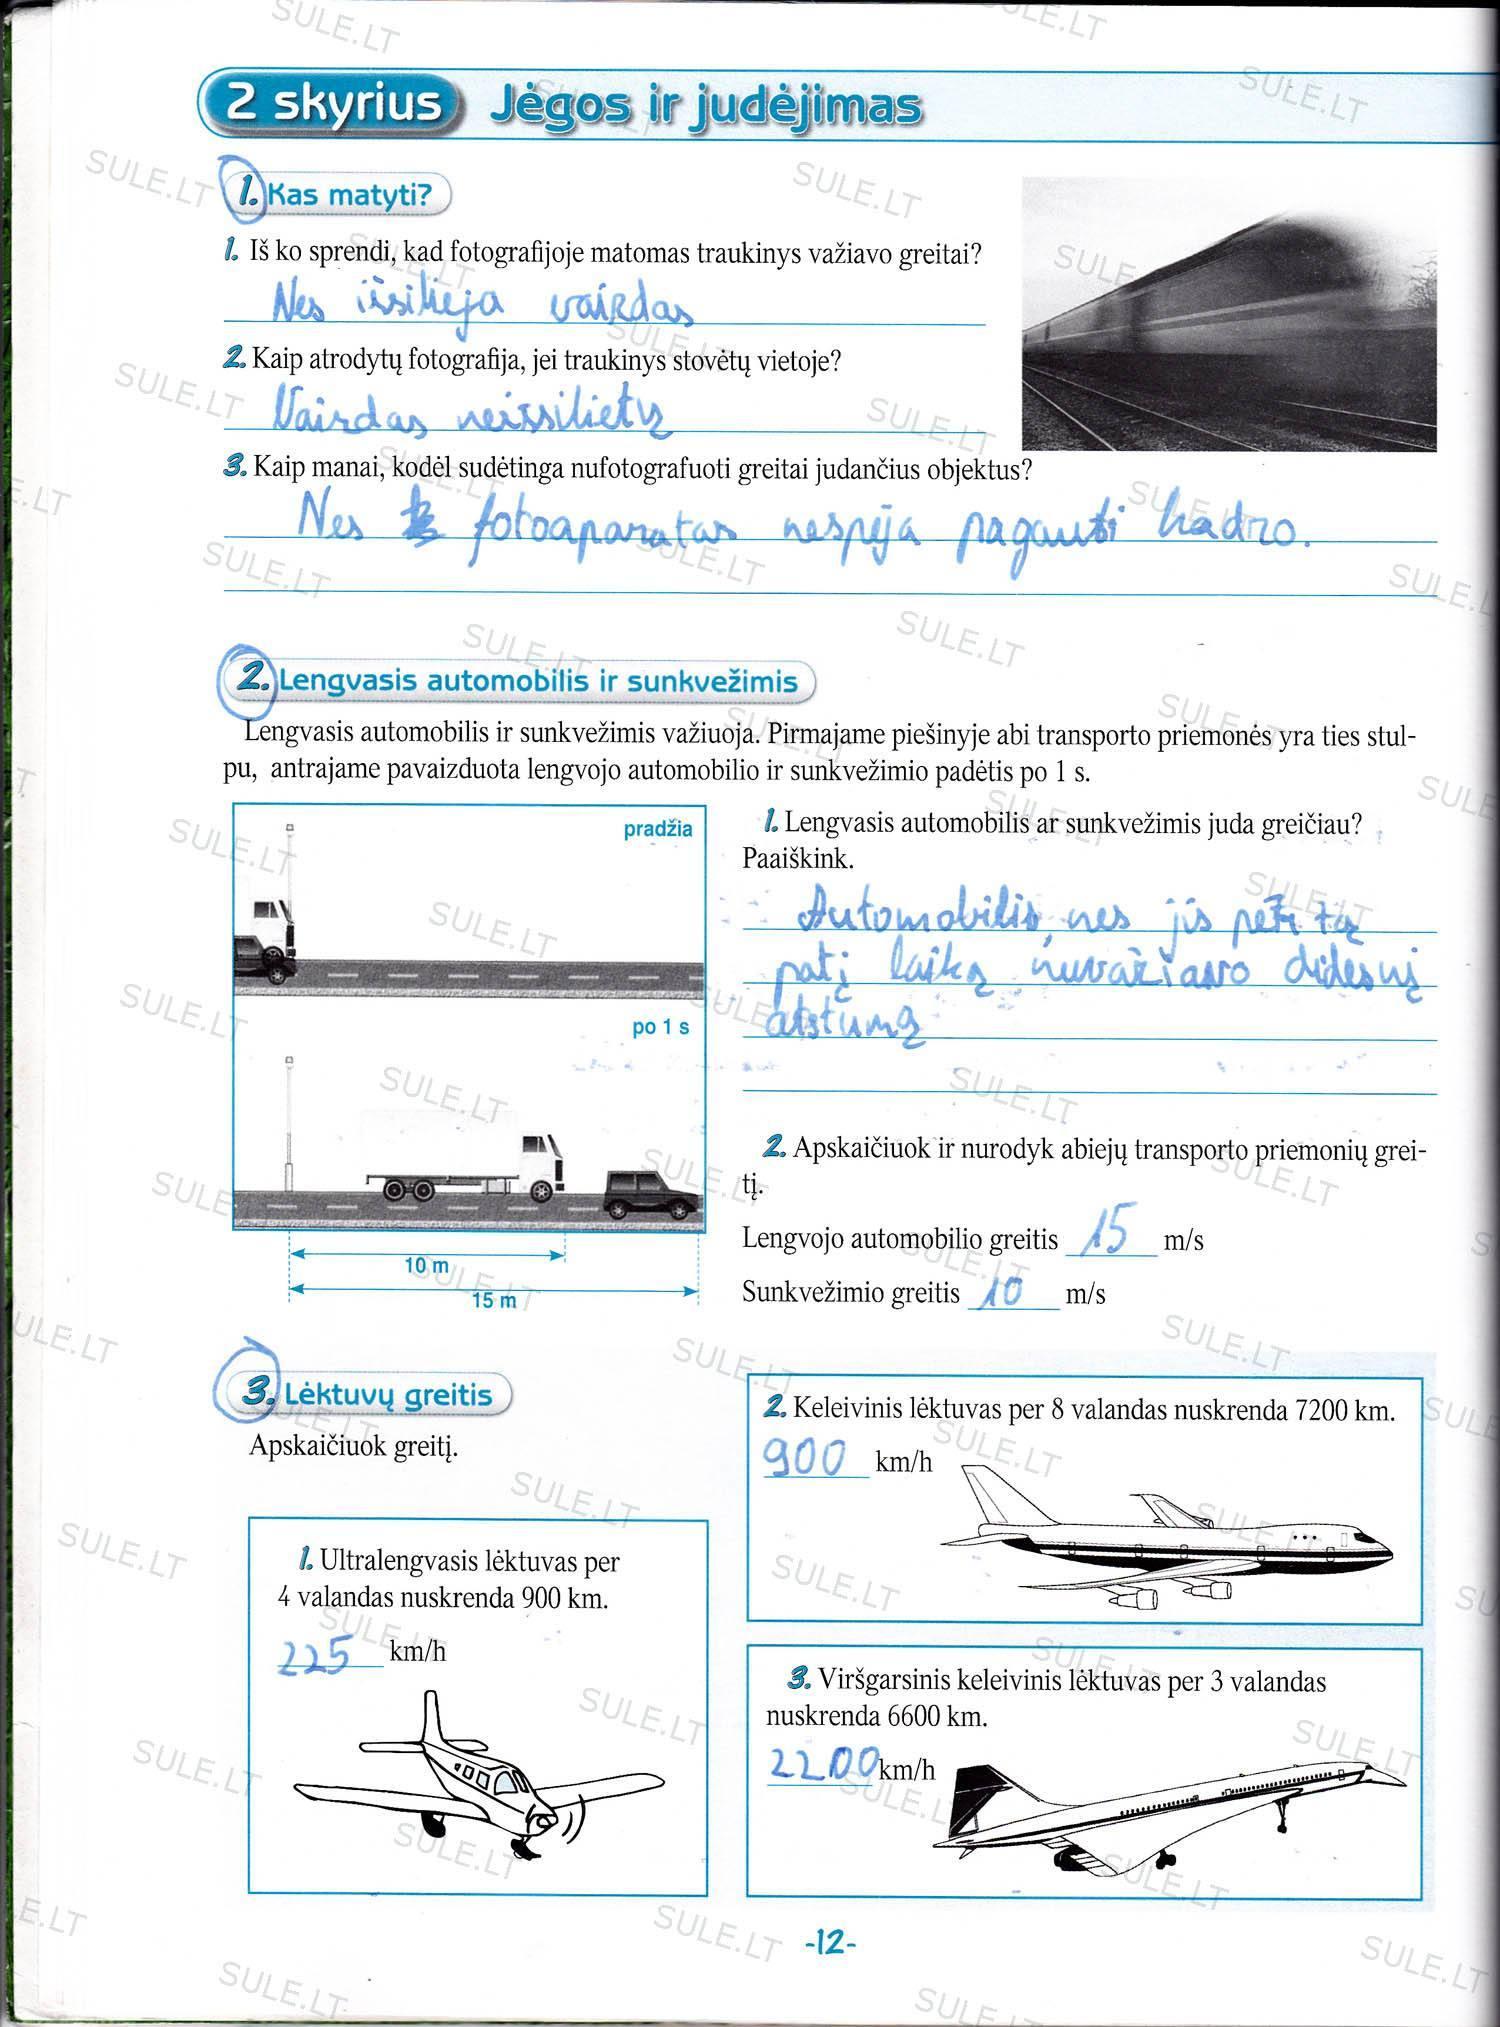 Biologija-6-klasei-2-dalis-12-puslapis2